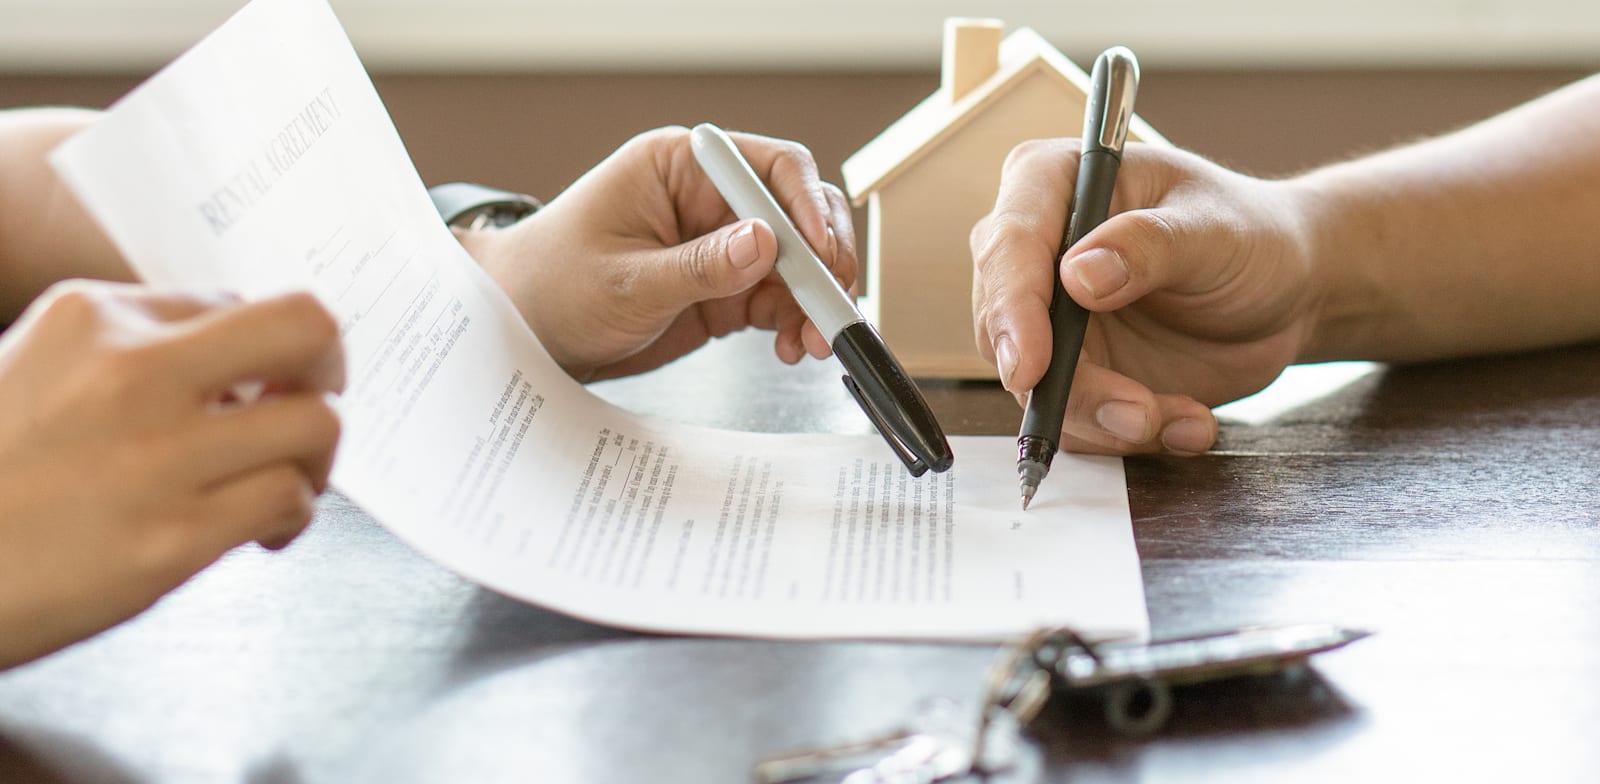 הדירות ''הכלואות'' הן אלה שבעליהן לא מעוניינים למכור אותן בשל החשש לתשלום מס שבח בעת מכירתן / צילום: Shutterstock, Pormezz